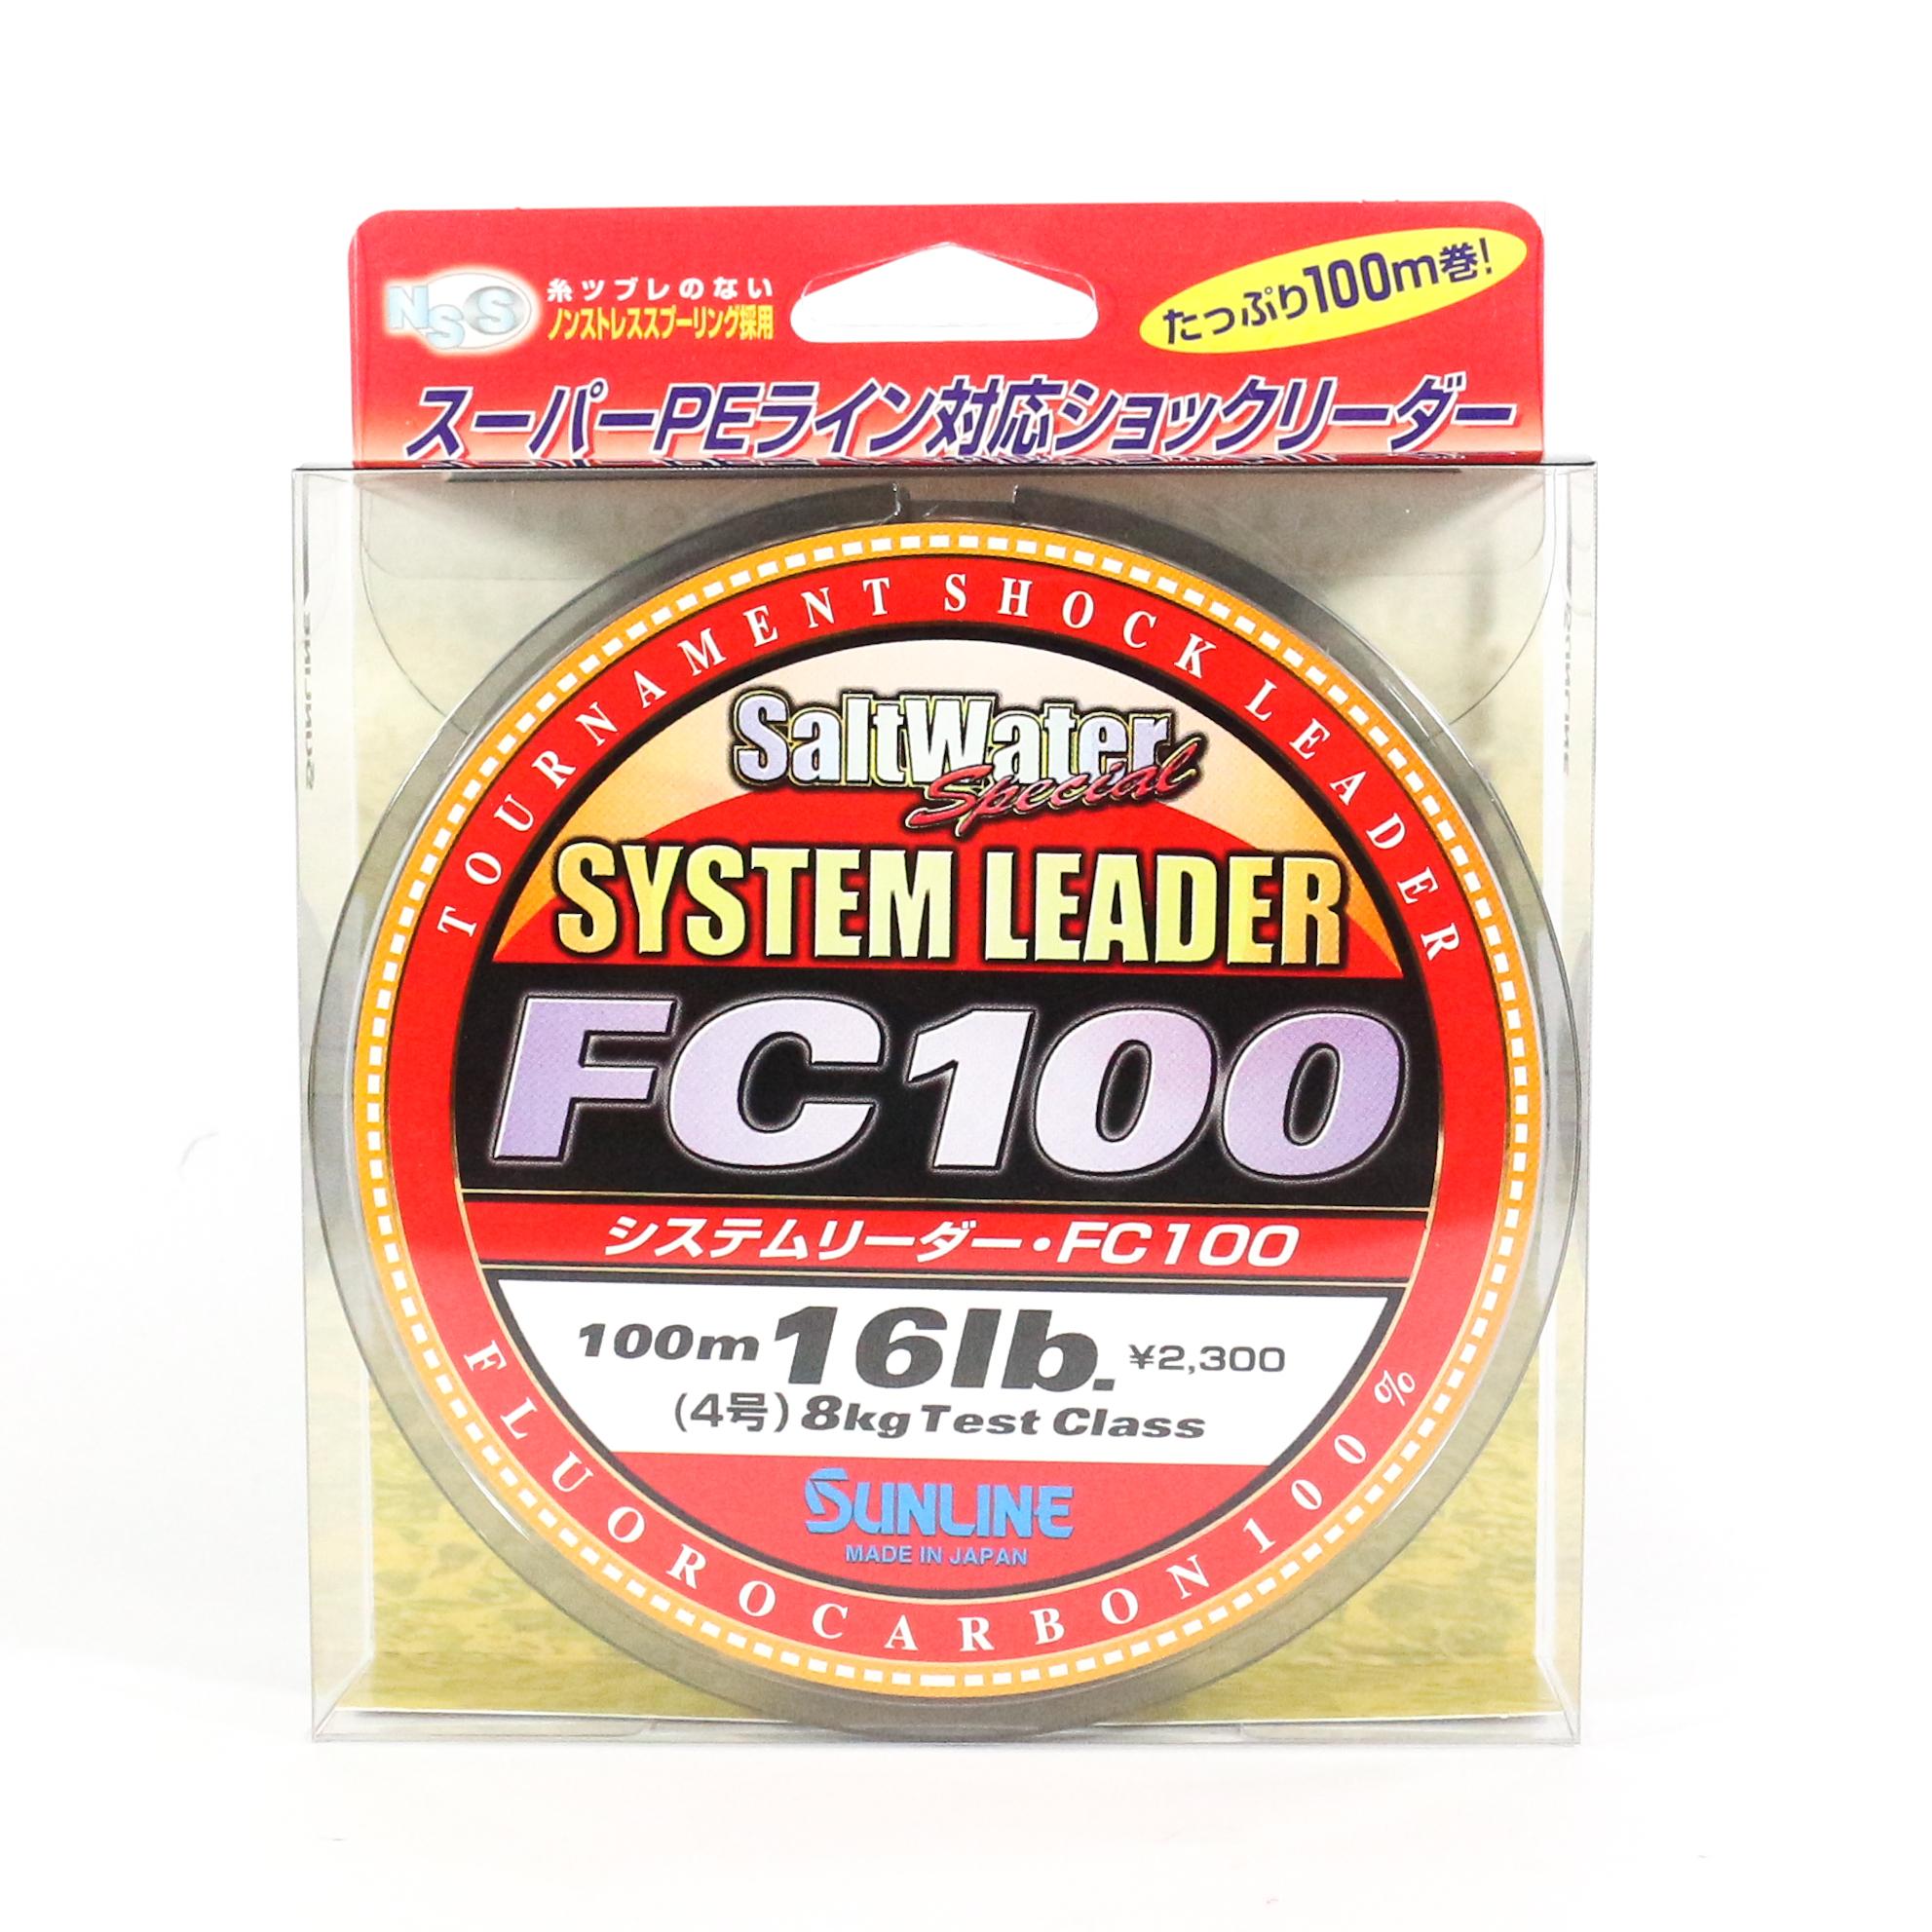 Sunline System 100 Fluorocarbon Shock Leader Line 100m 16lb (1819)